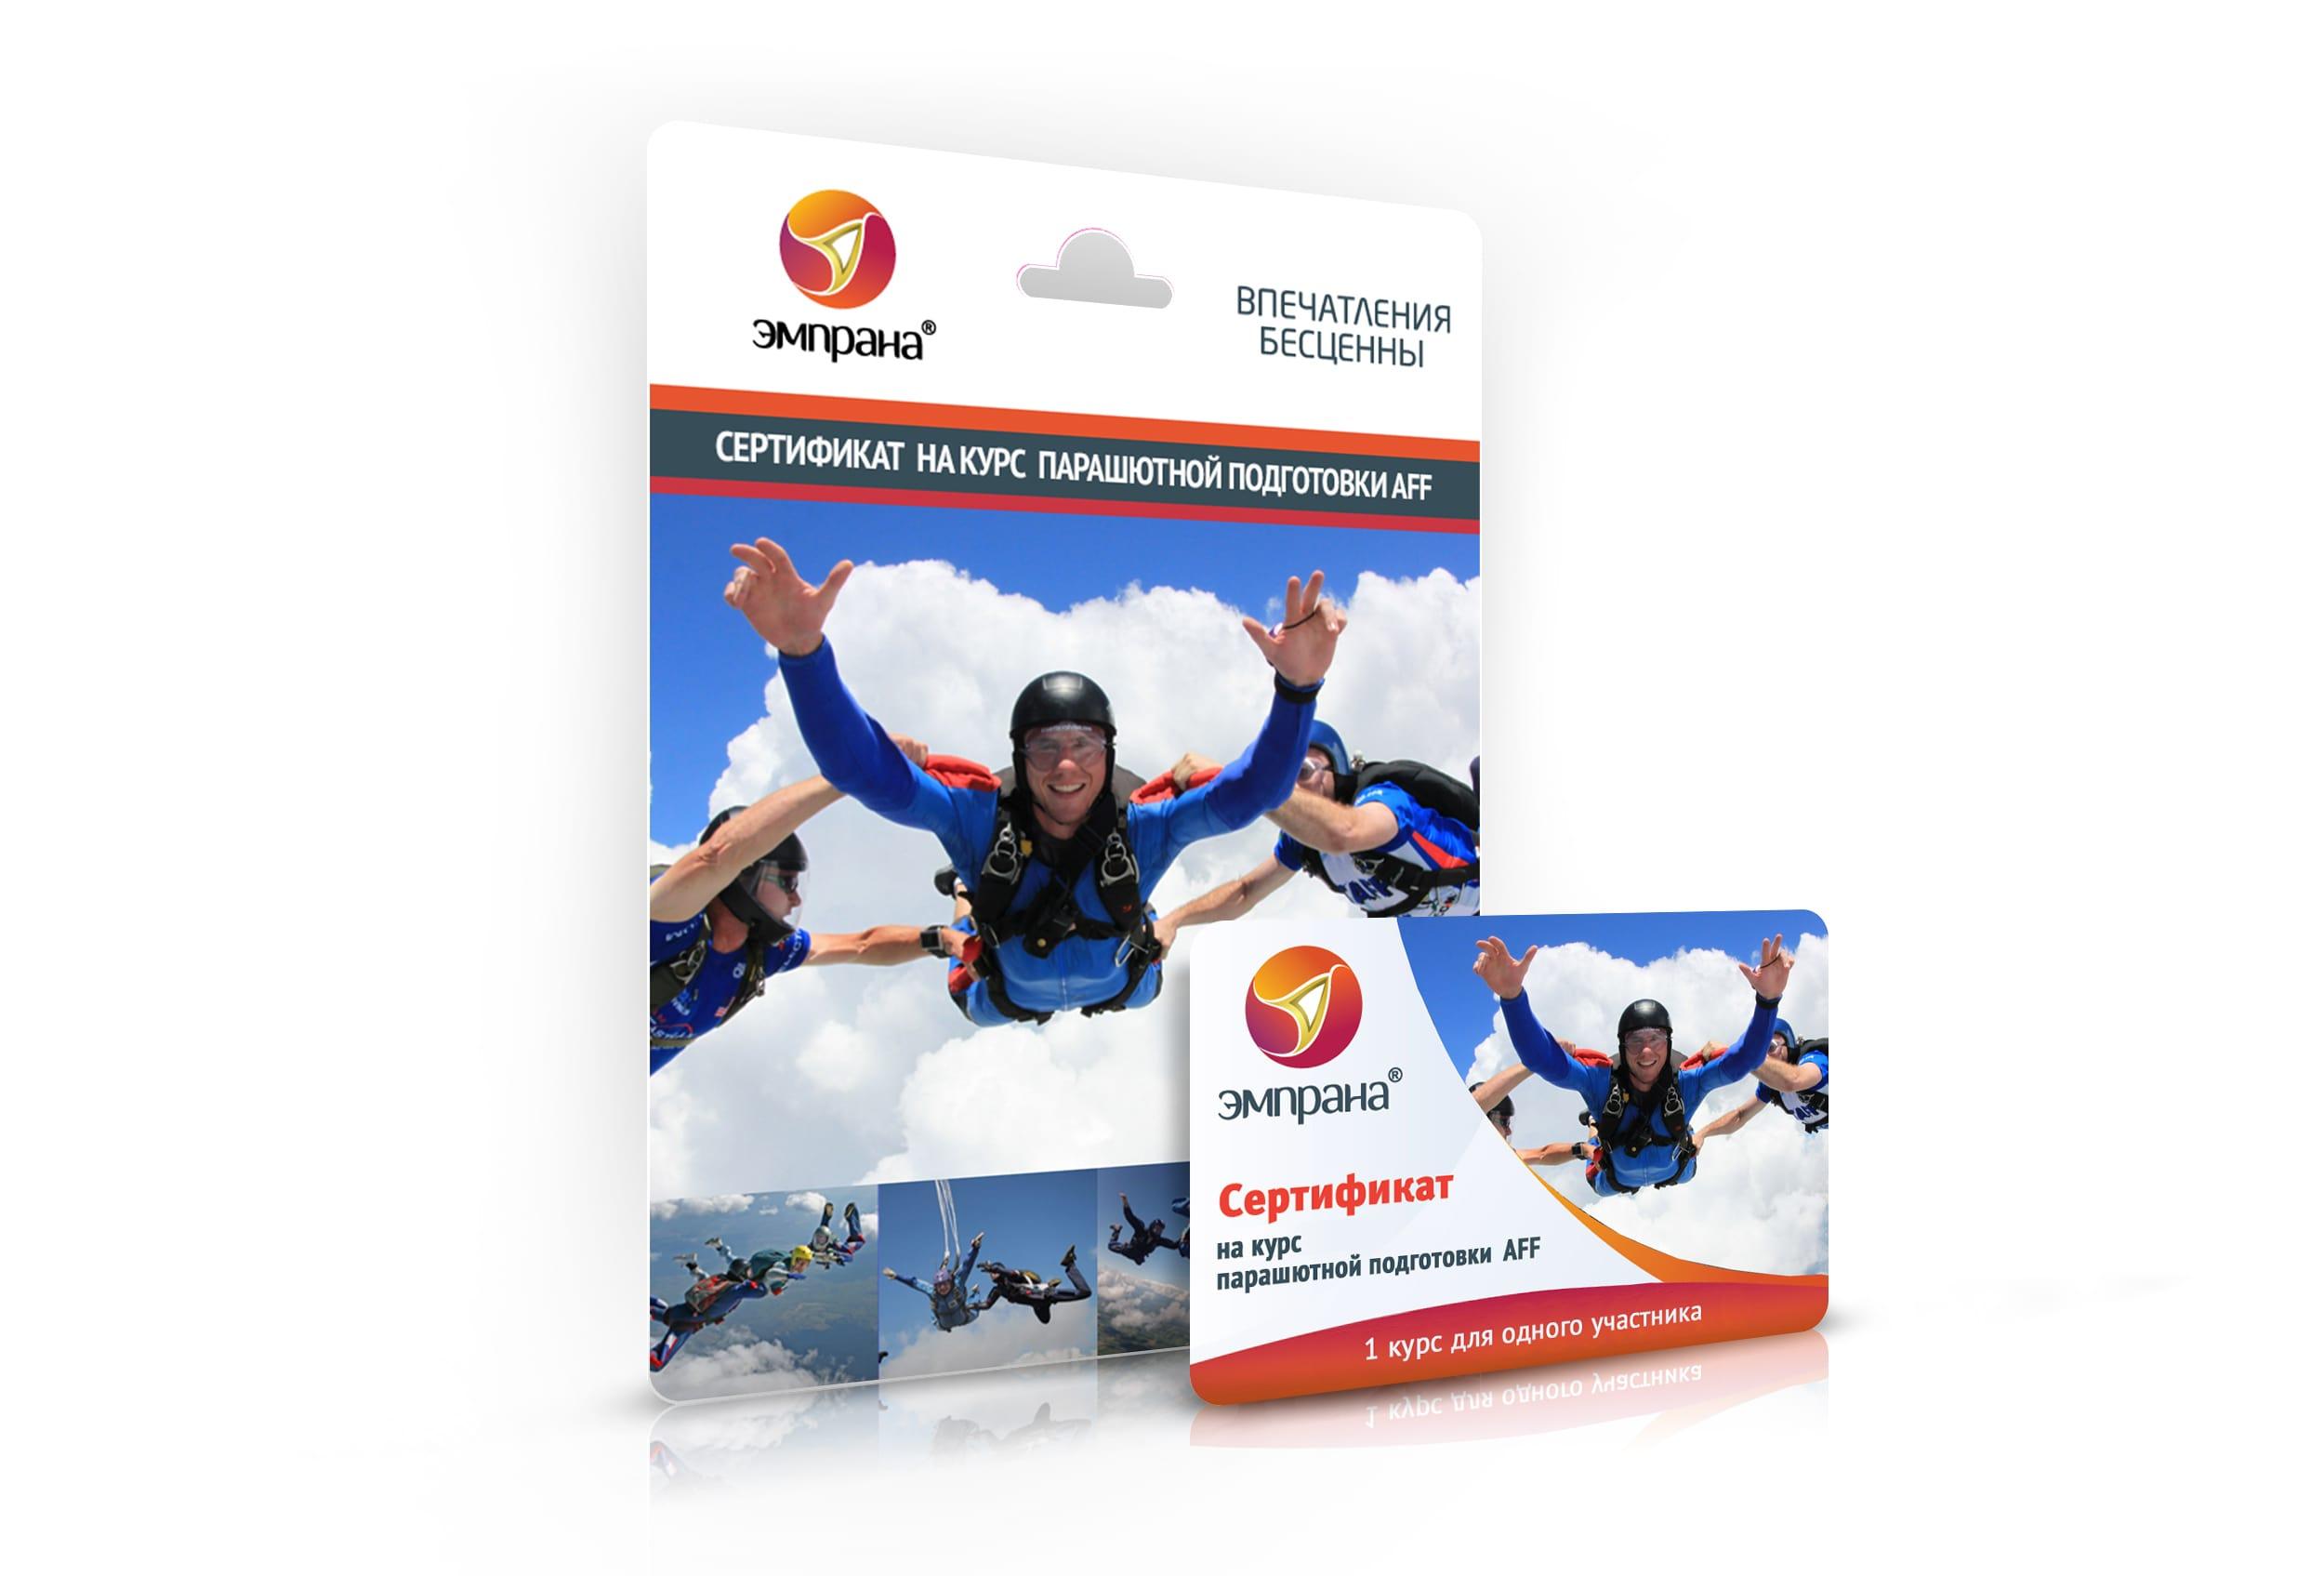 Сертификат на курс парашютной подготовки  AFF